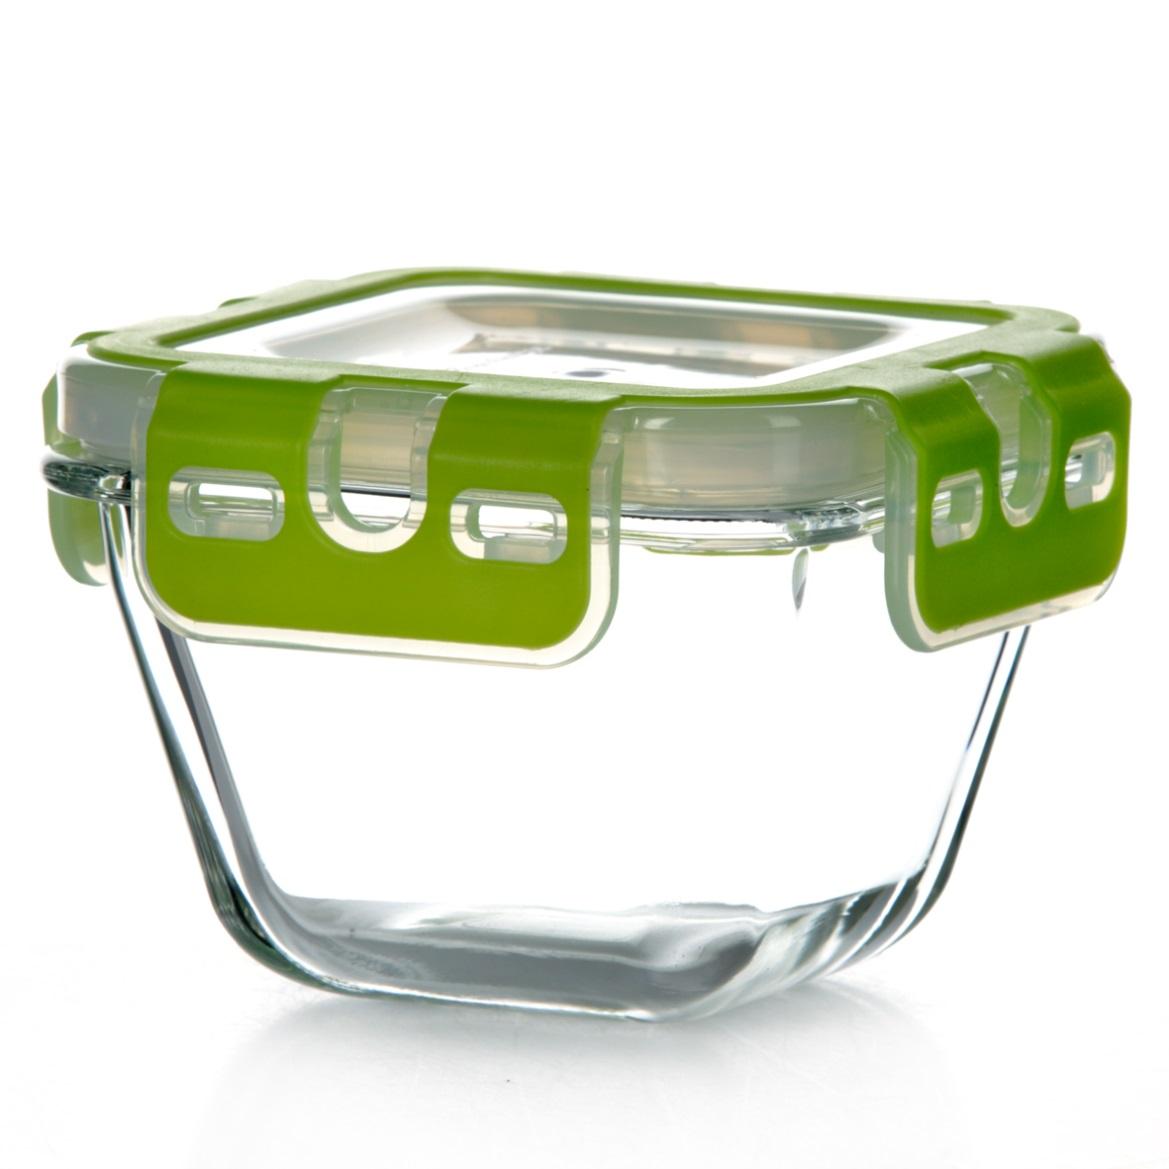 Контейнер для хранения продуктов Pasabahce Storemax, цвет: зеленый, 290 млSC-FD421004Контейнер Pasabahce Storemax, выполненный из высококачественного закаленного стекла, предназначен для хранения продуктов. Благодаря высокому качеству материала и герметичной пластиковой крышке с защелками продукты в контейнере дольше сохранят свежесть, сочность и аромат. Крышка имеет силиконовую вставку, предотвращающую выскальзывание контейнера из рук при открывании. Можно мыть в посудомоечной машине и использовать в микроволновой печи. Подходит для хранения в холодильнике. Размер контейнера: 10,3 см х 10,3 см.Высота (без учета крышки): 6,5 см. Объем: 290 мл.